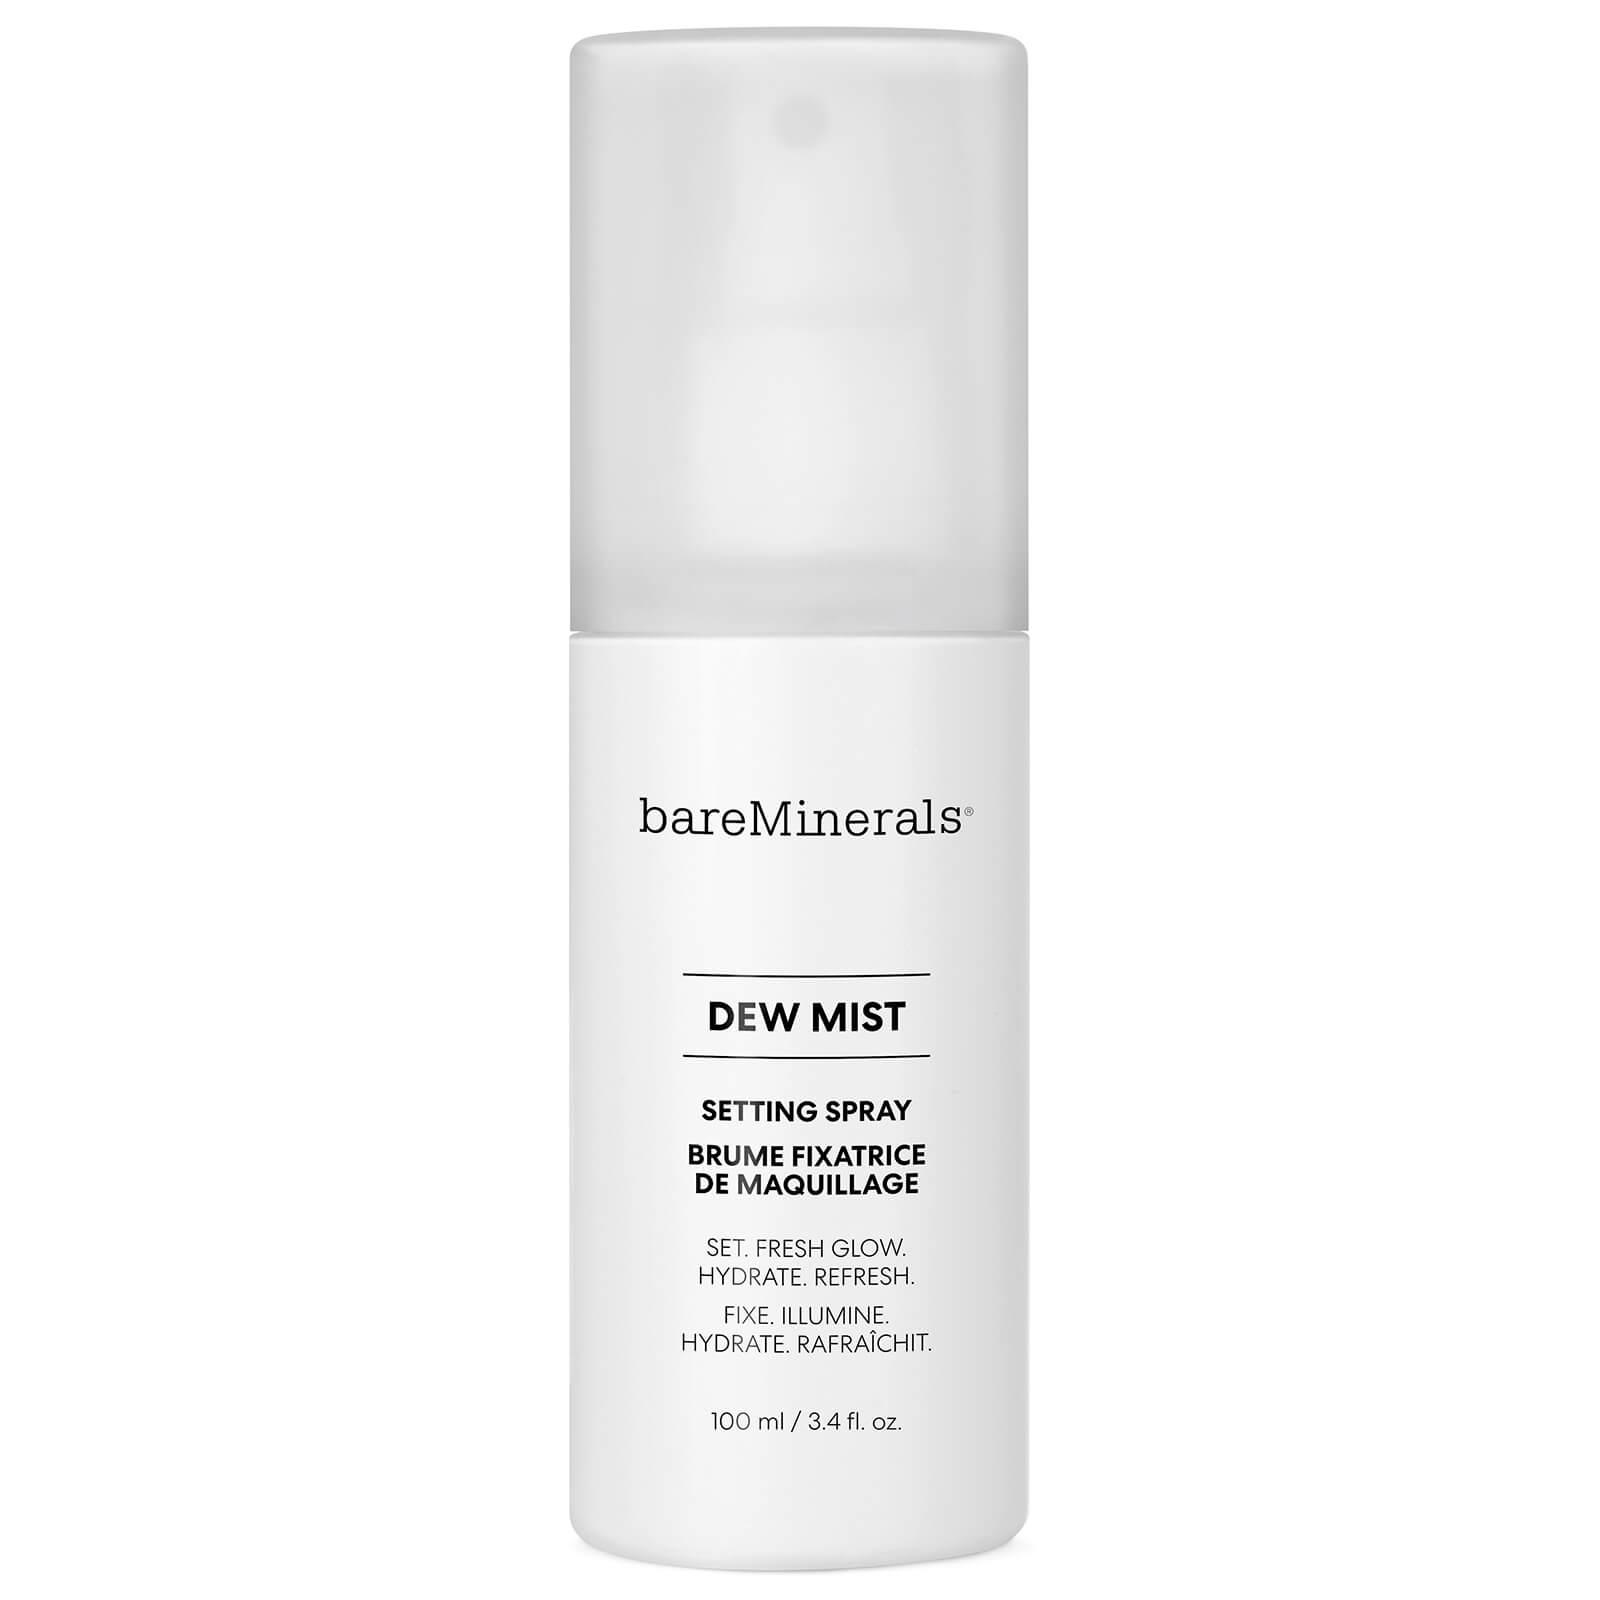 bareMinerals - Dew Mist Setting Spray